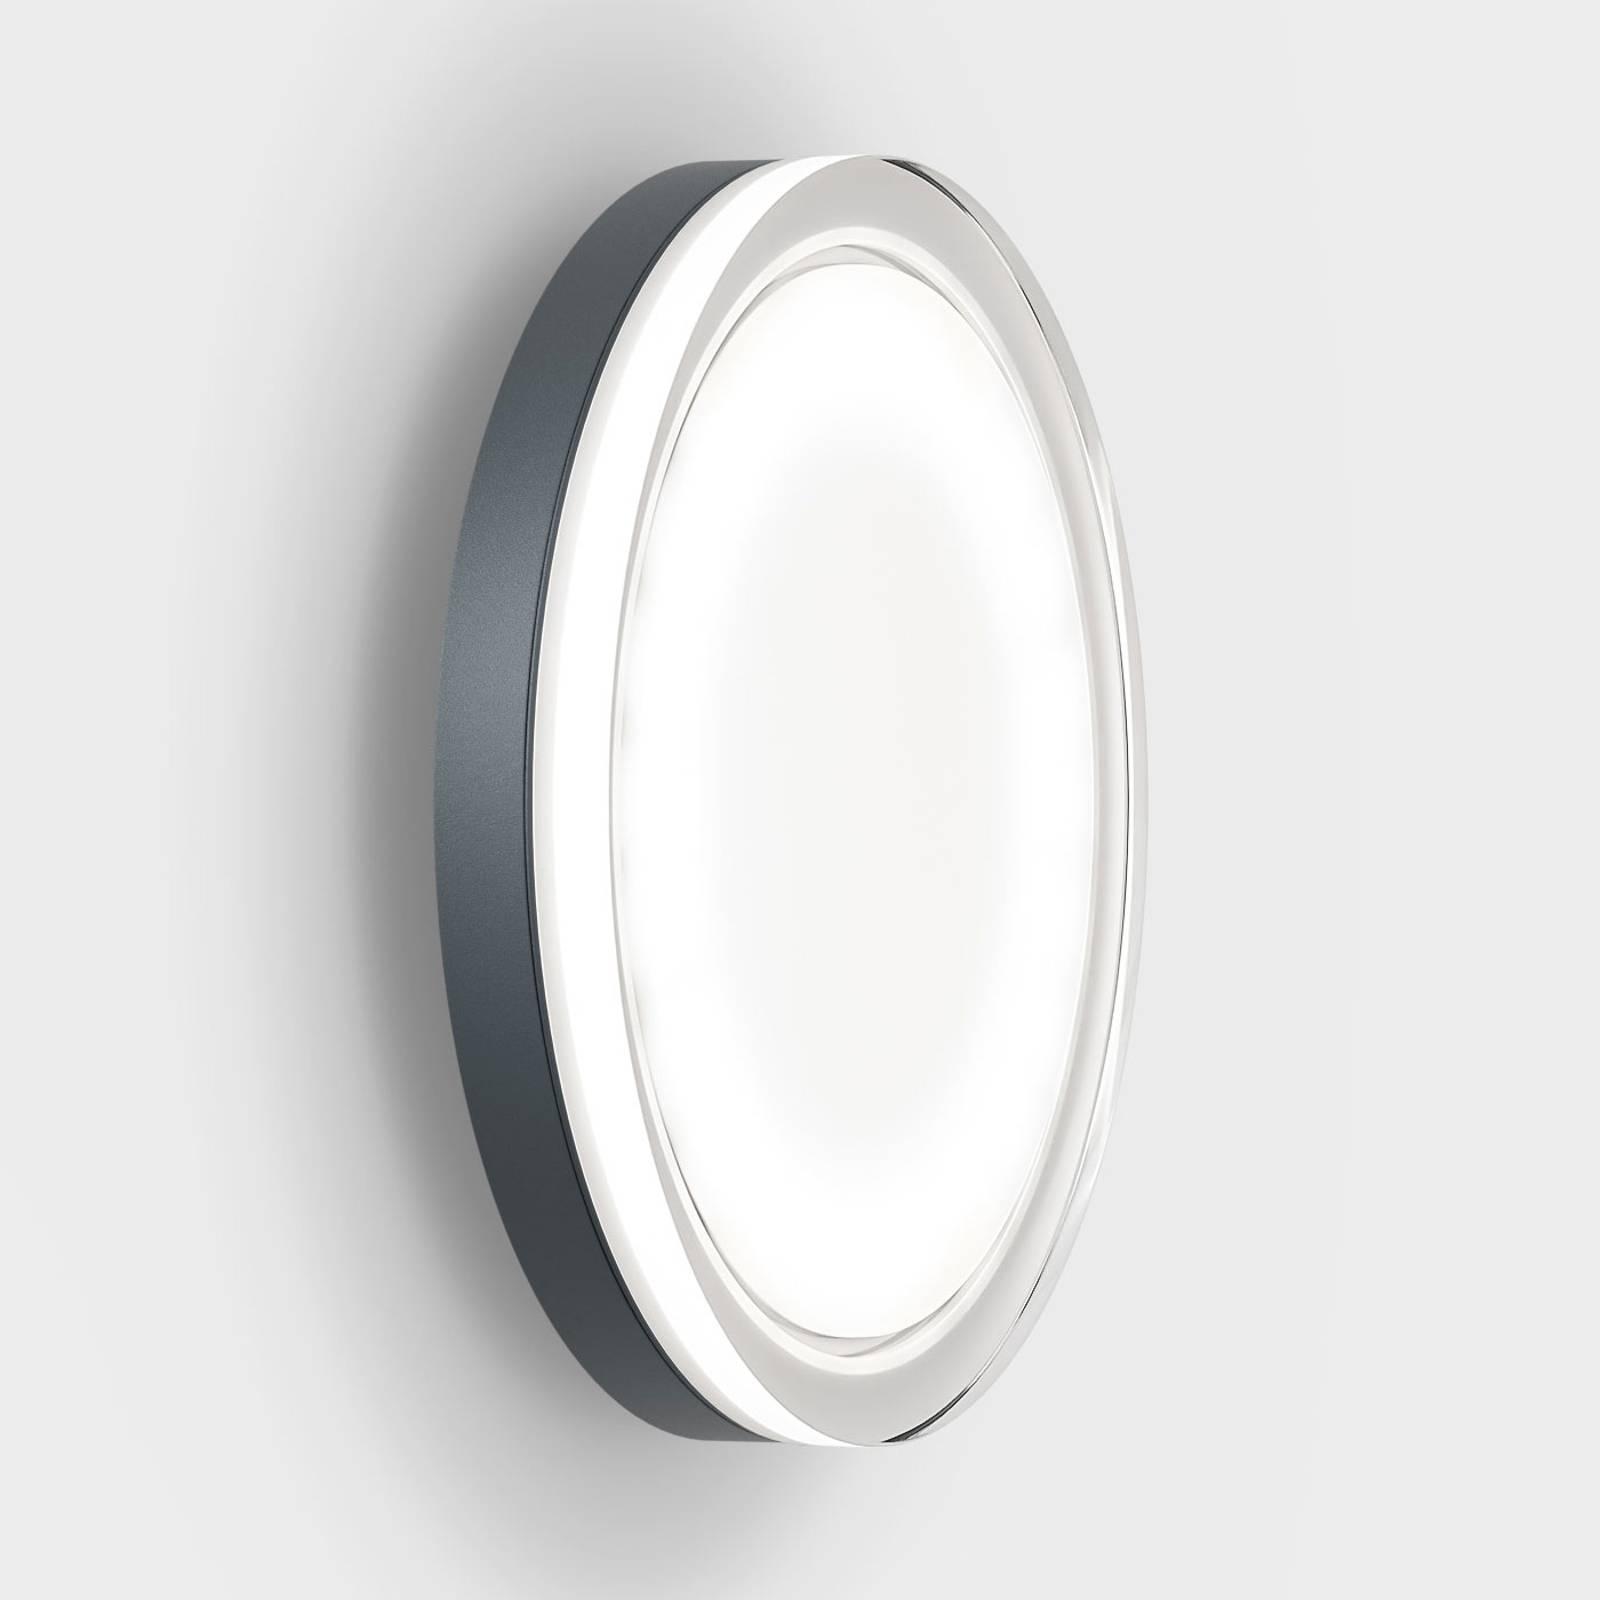 IP44.de lisc LED buitenwandlamp, antraciet